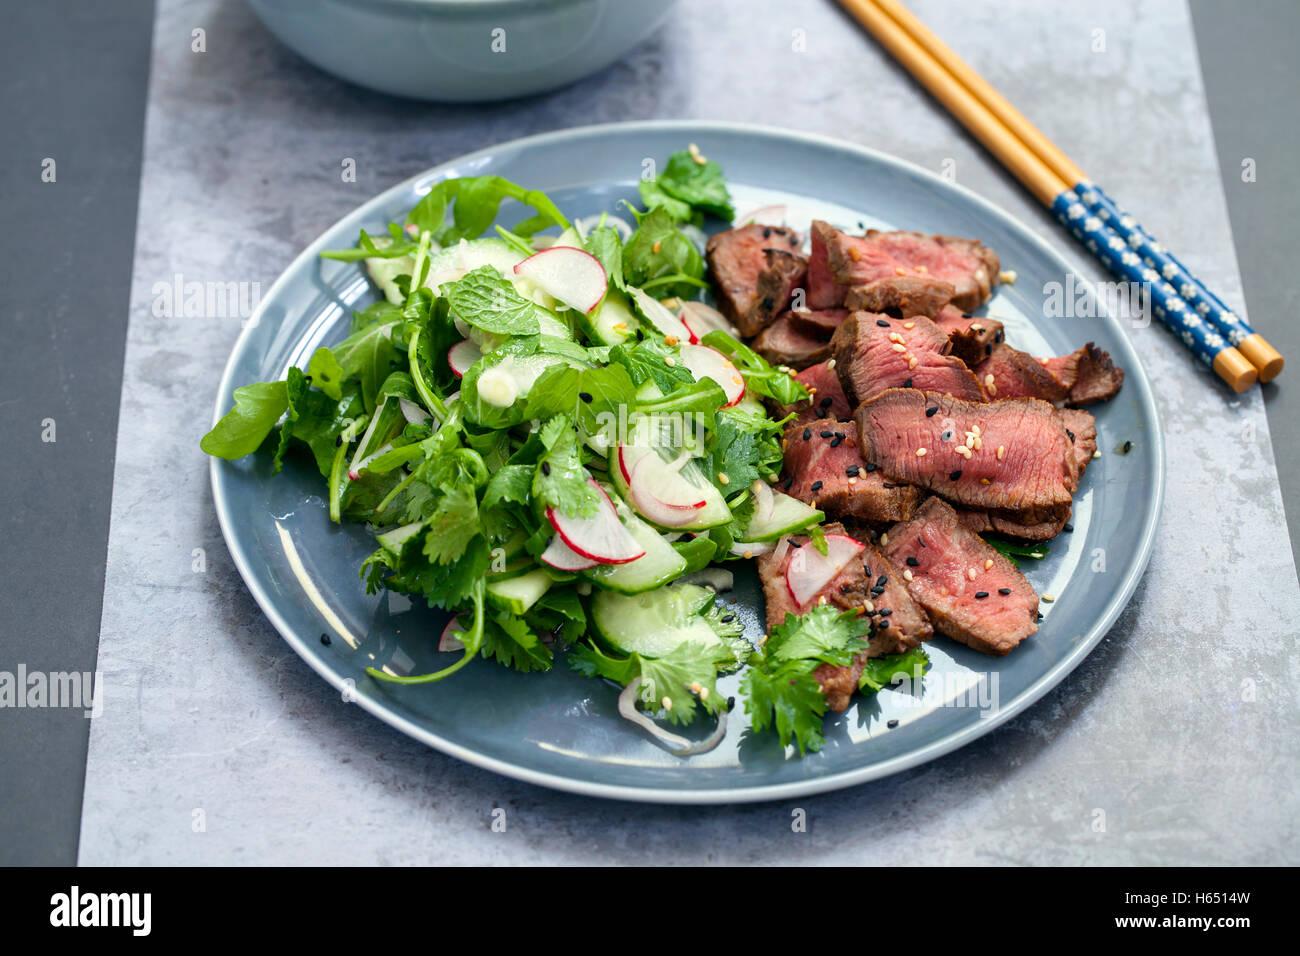 Carni bovine asiatici con insalata di cetrioli e insalata di erbe e in bianco e nero di semi di sesamo Immagini Stock